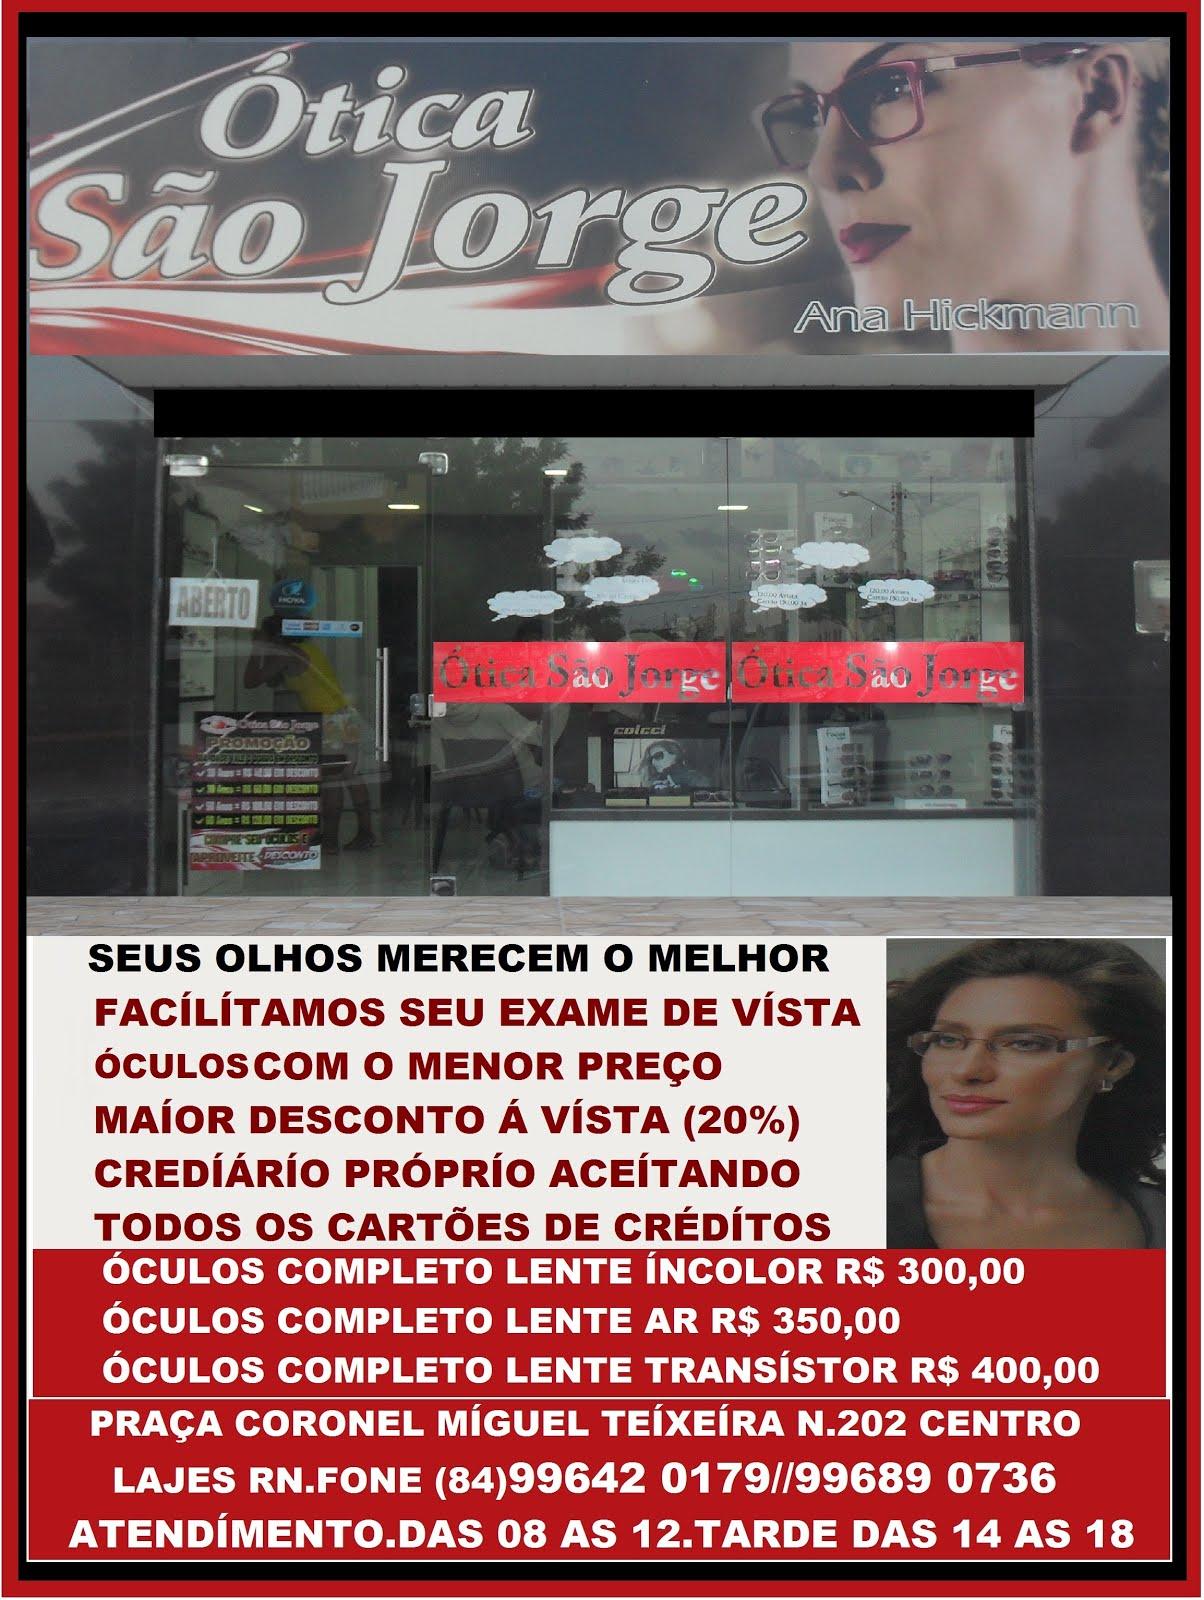 ÓTICA SÃO JORGE SEUS OLHOS MERECEM O MELHOR LAJES RN